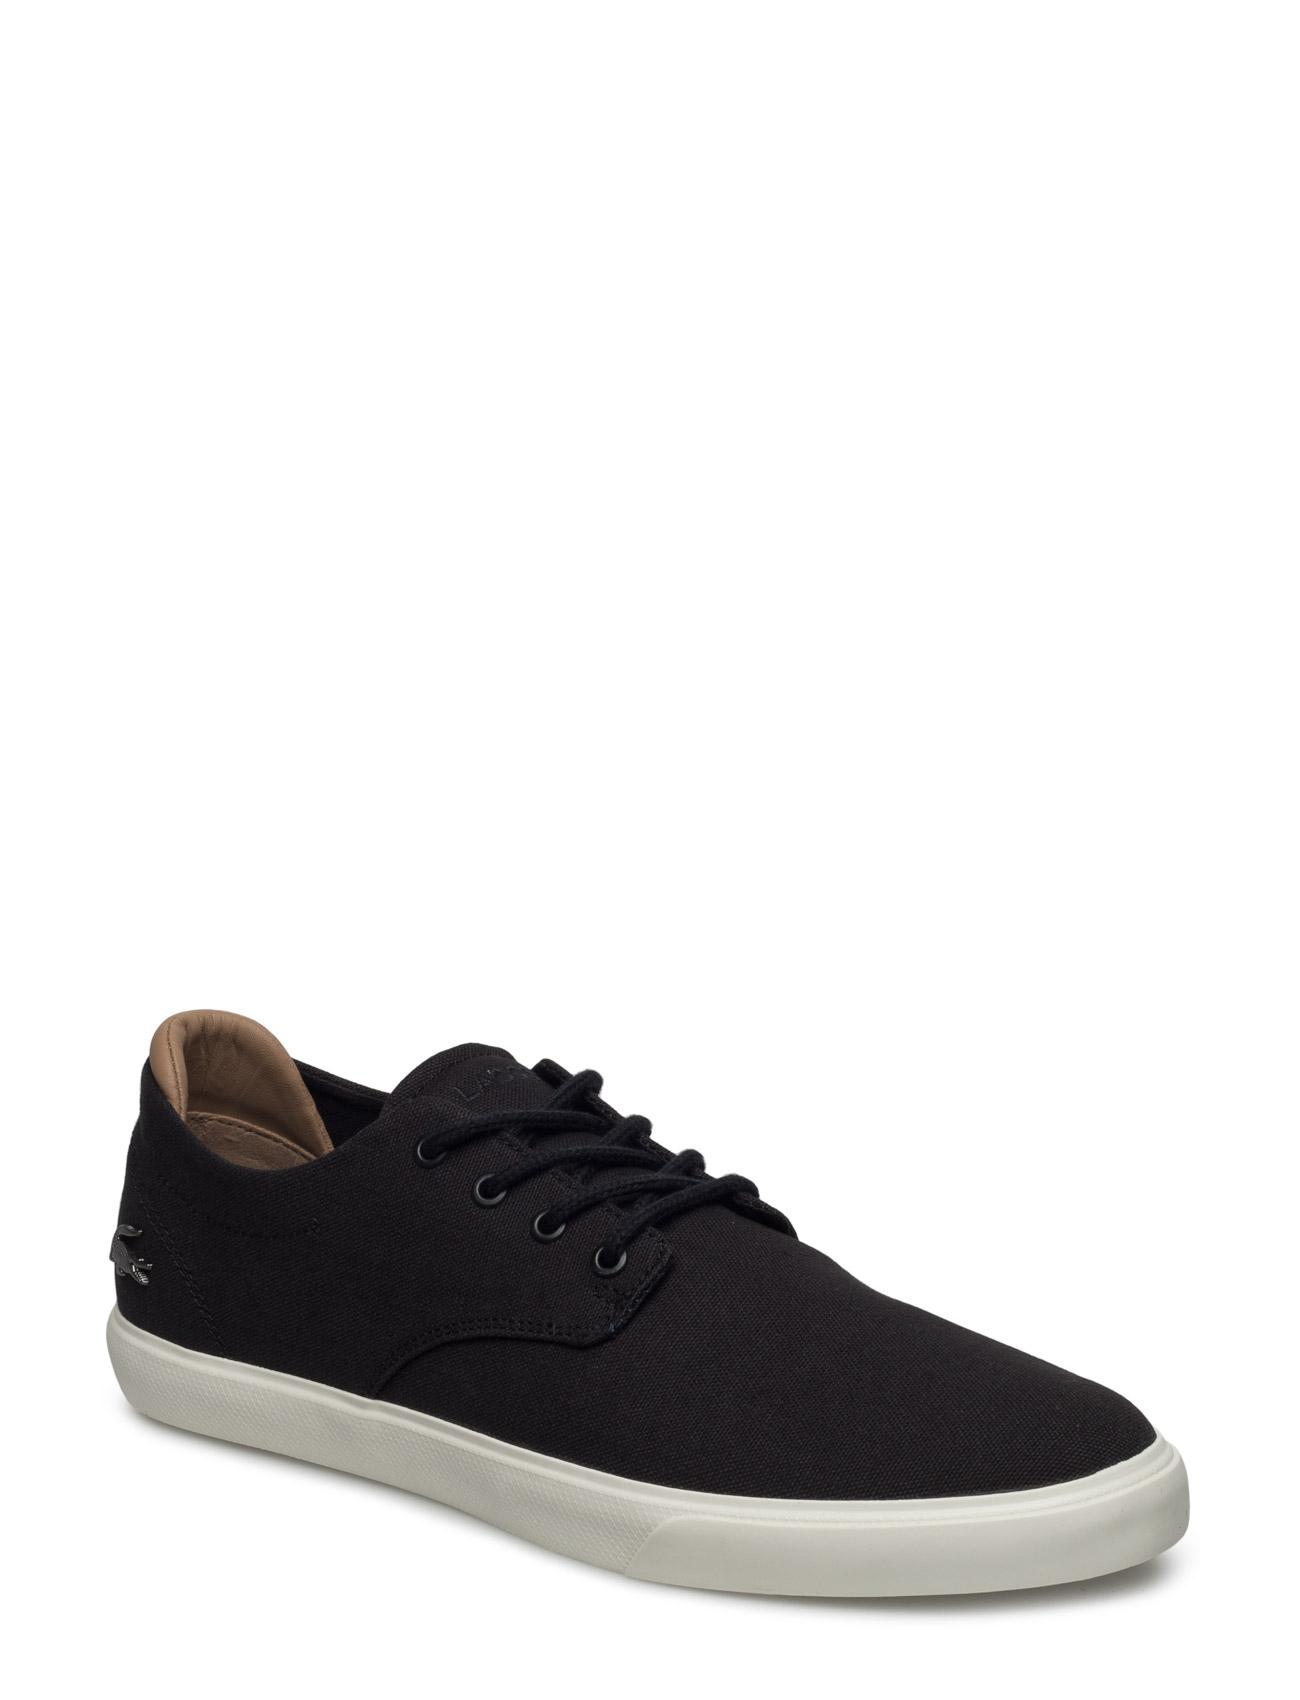 Espere 217 1 Lacoste Shoes Sko til Mænd i Sort